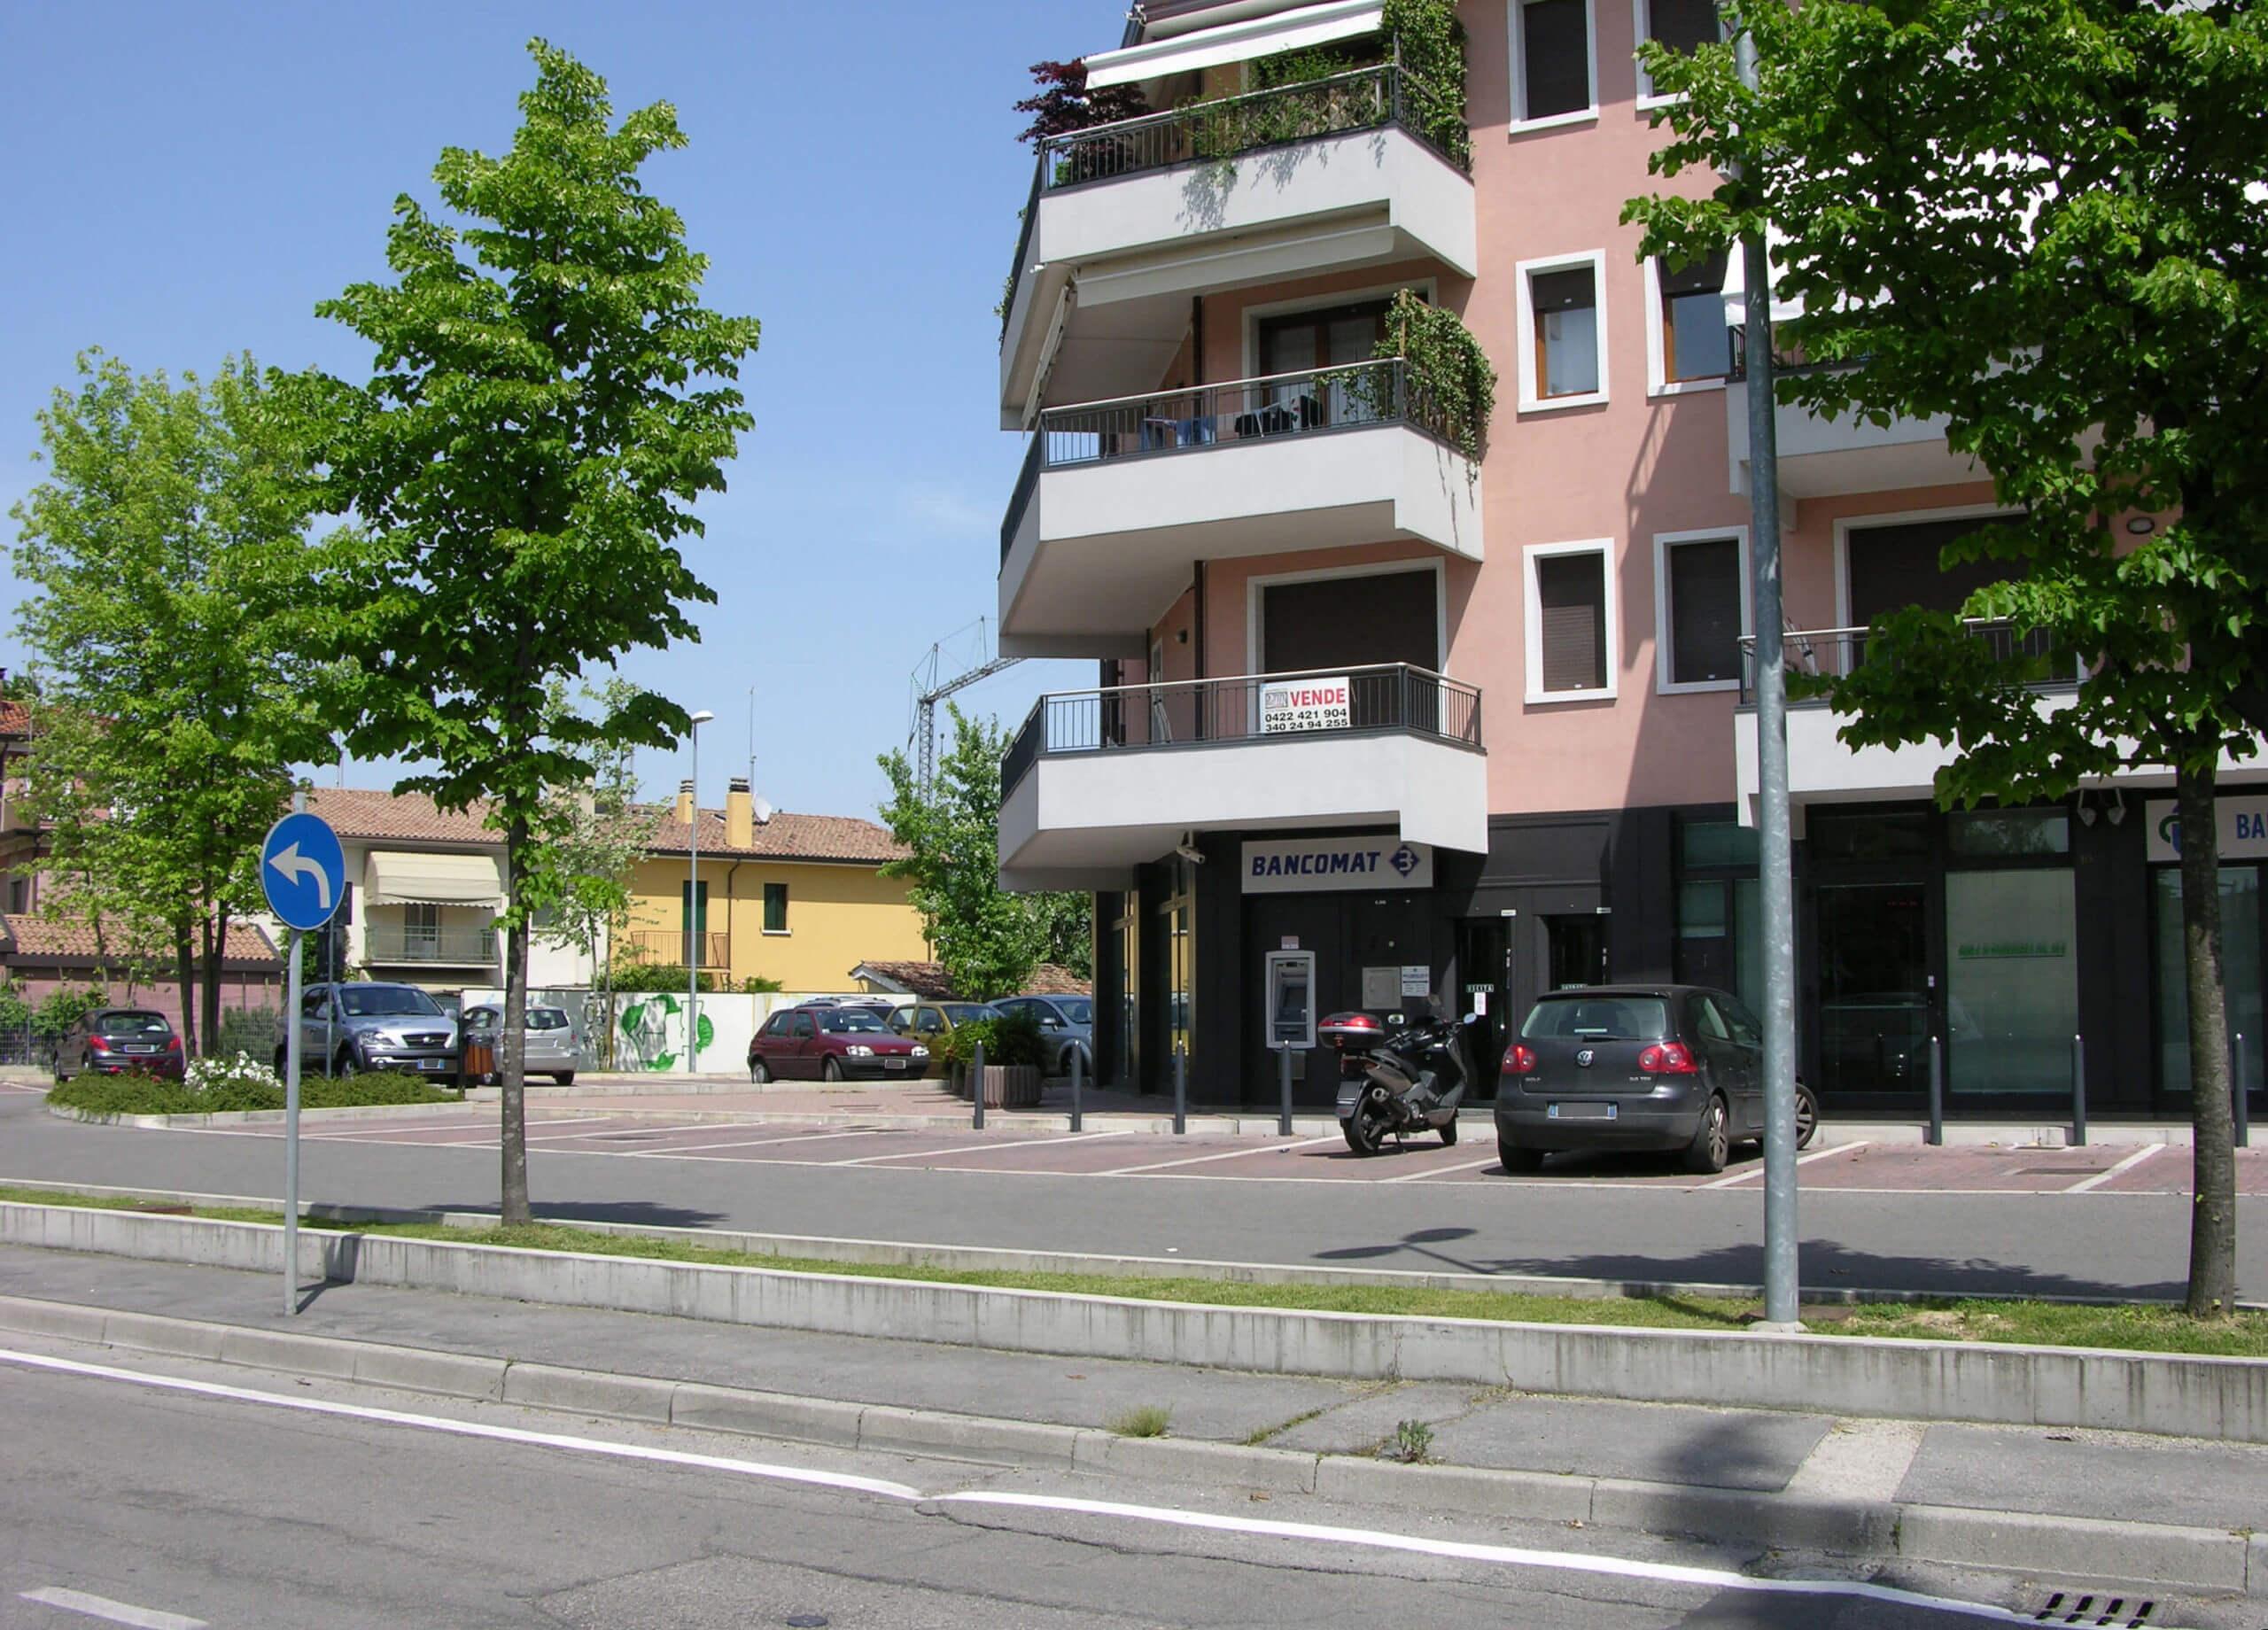 Ufficio/attività commerciale Treviso